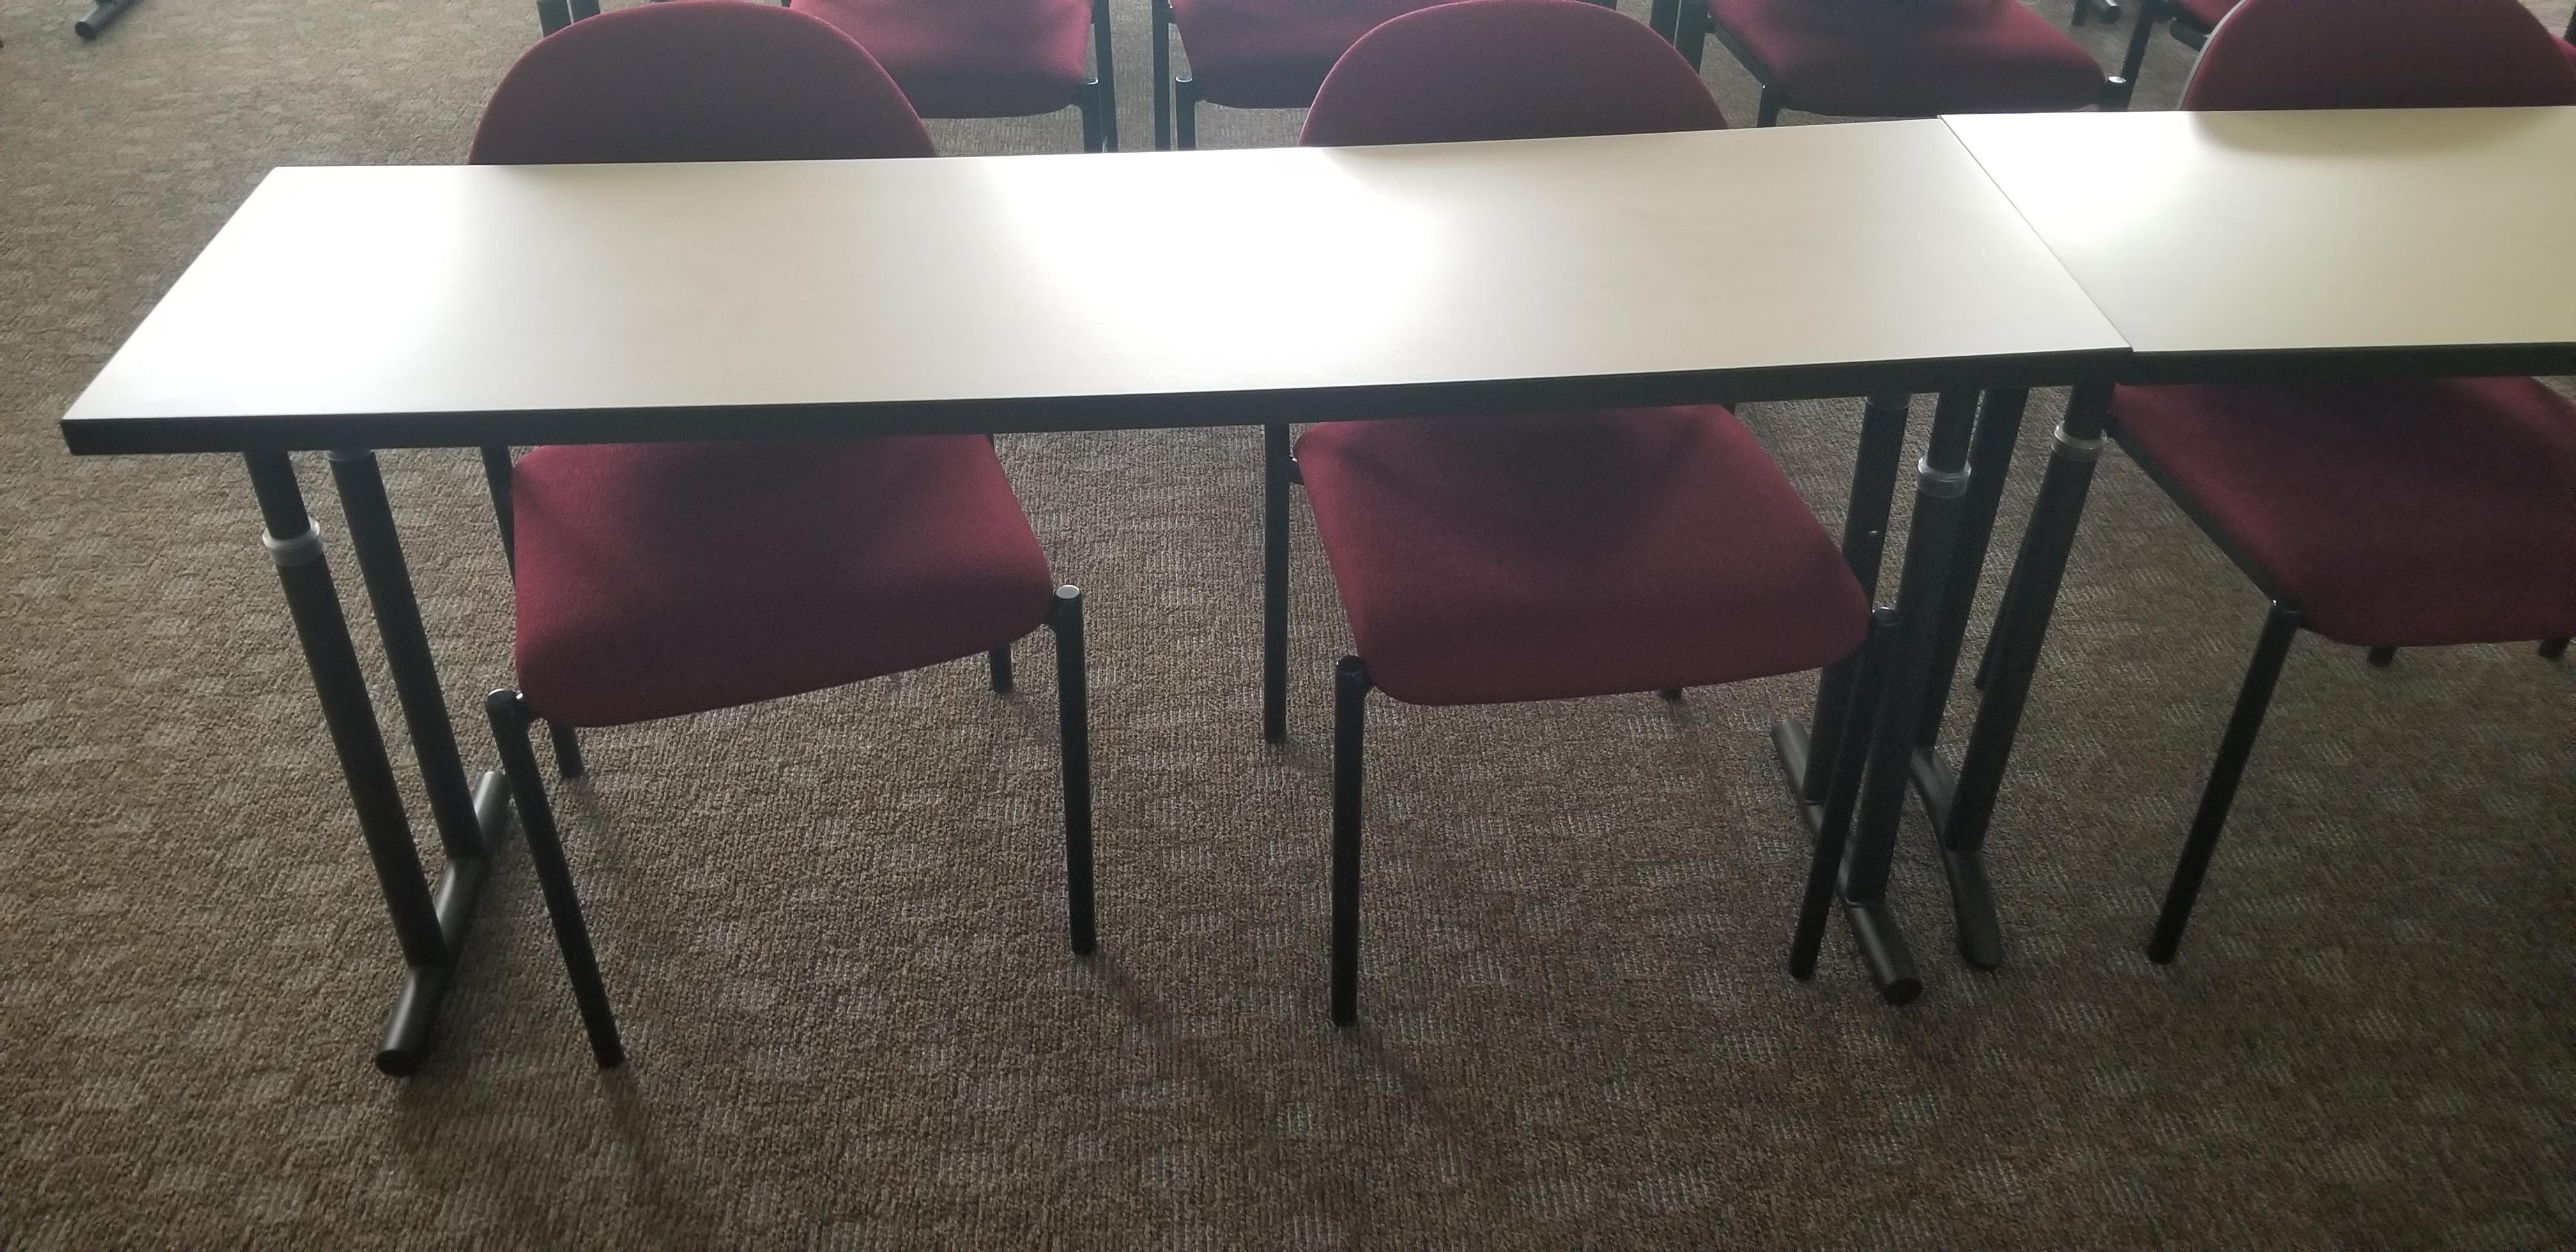 Adjustable Leg Training Table